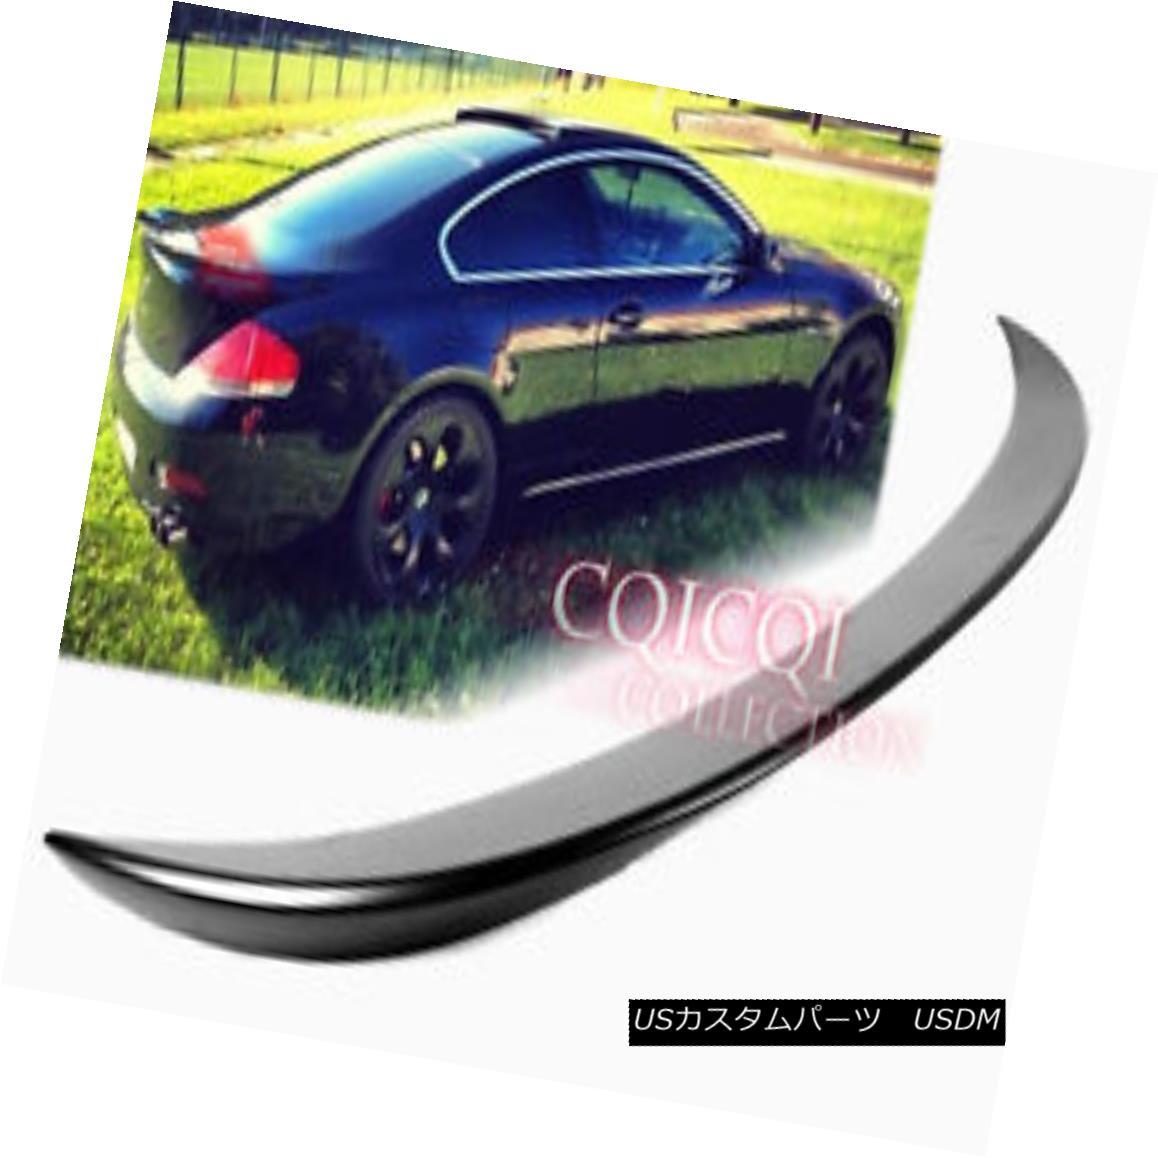 エアロパーツ Painted BMW 04~08 E63 6-series coupe V type trunk spoiler◎ ペイントされたBMW 04?08 E63 6シリーズクーペV型トランク・スポイラー?